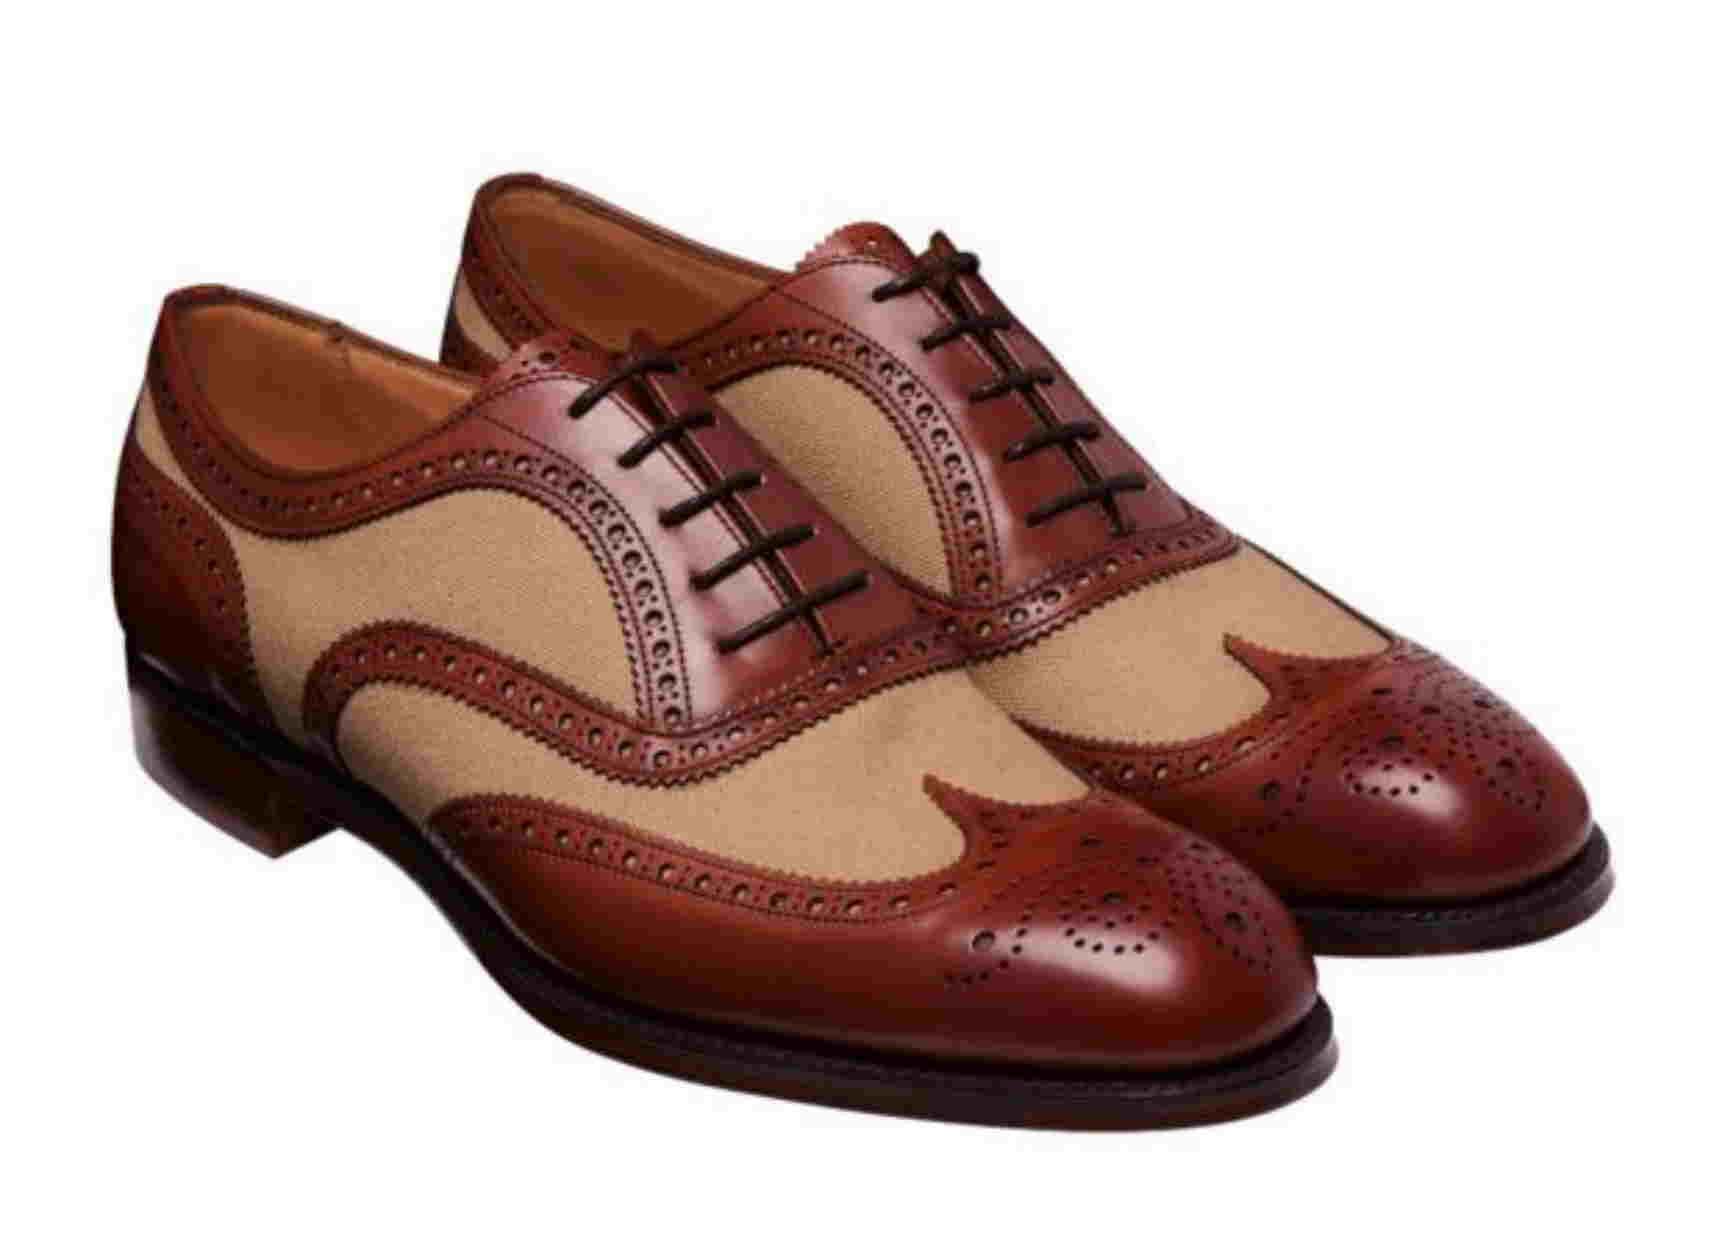 Τα παπούτσια που πρέπει να έχει κάθε άντρας που σέβεται τον εαυτό του